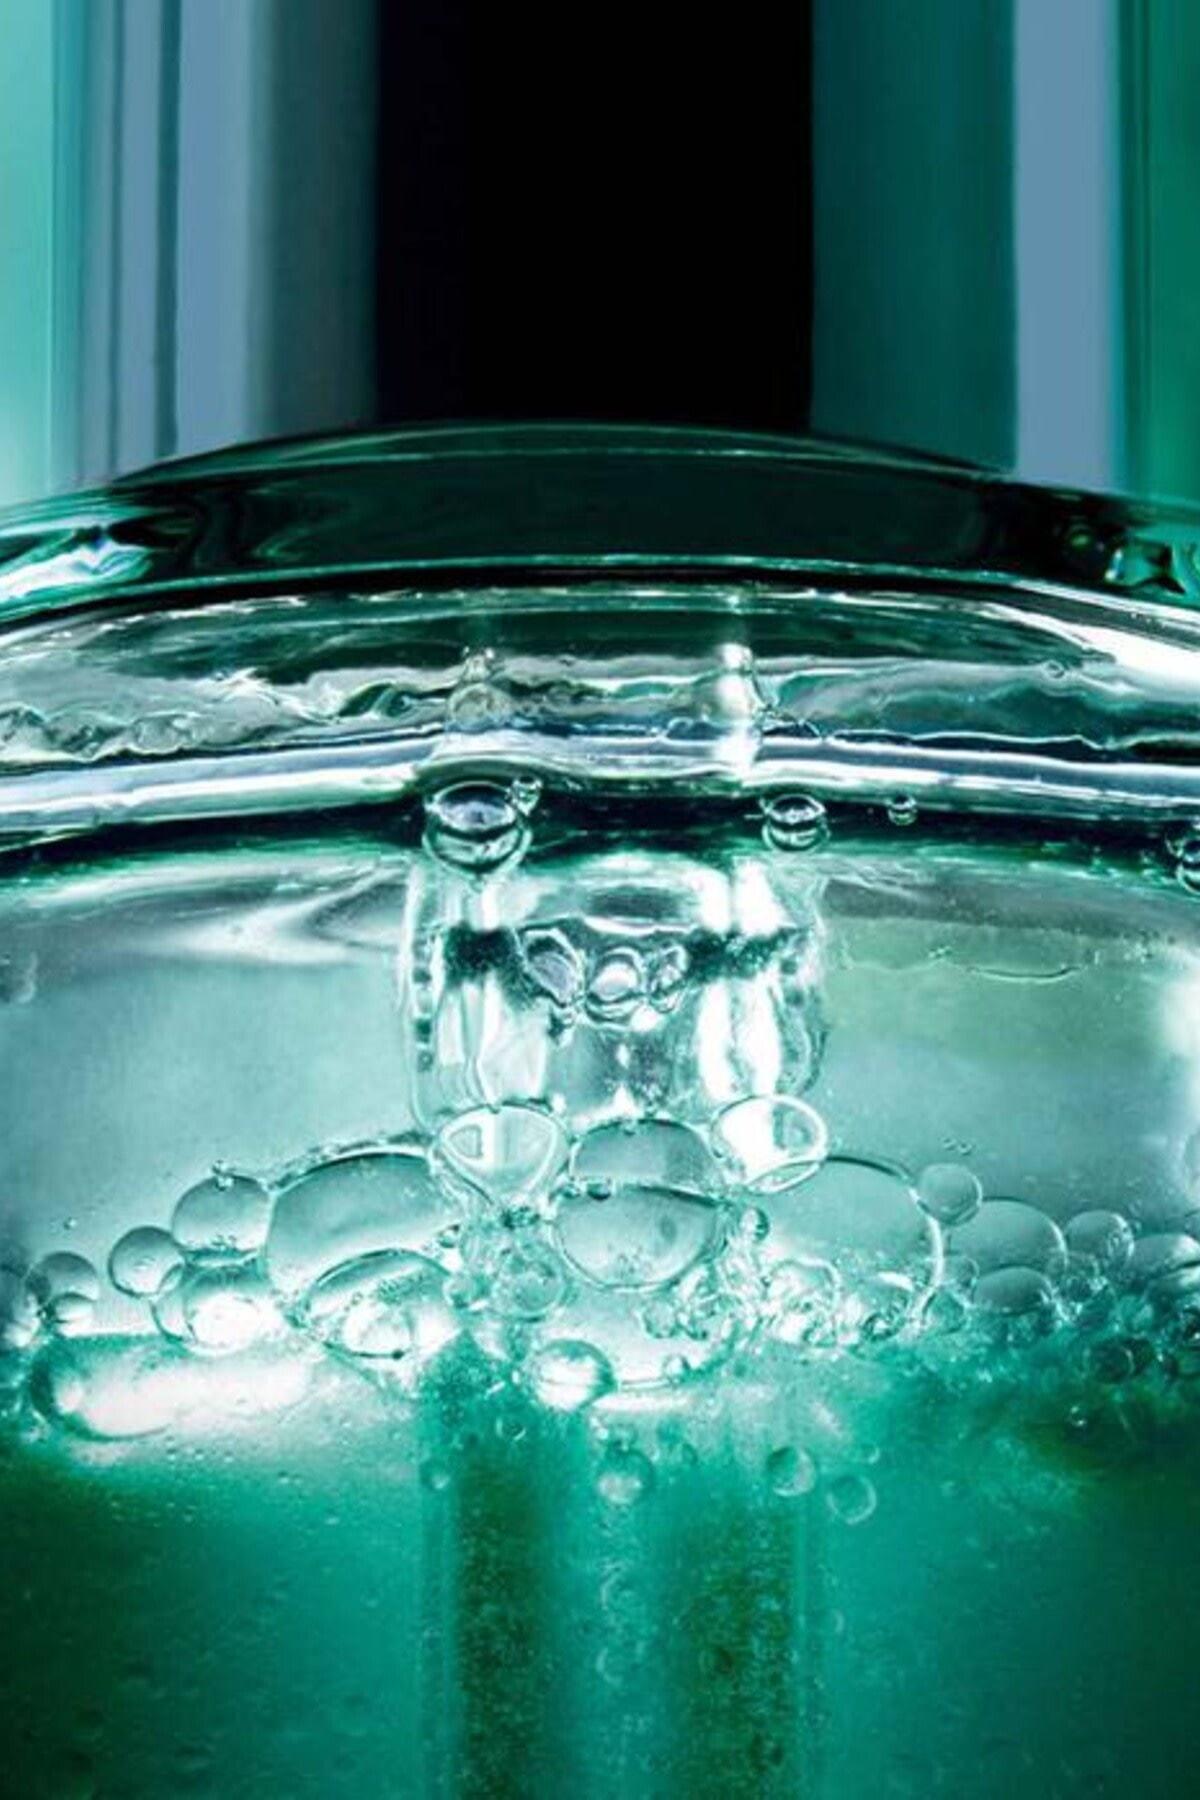 Biotherm Aquasource Kuru Ciltler Için Nemlendirici & Yenileyici Serum 50 ml 3614272023710 2